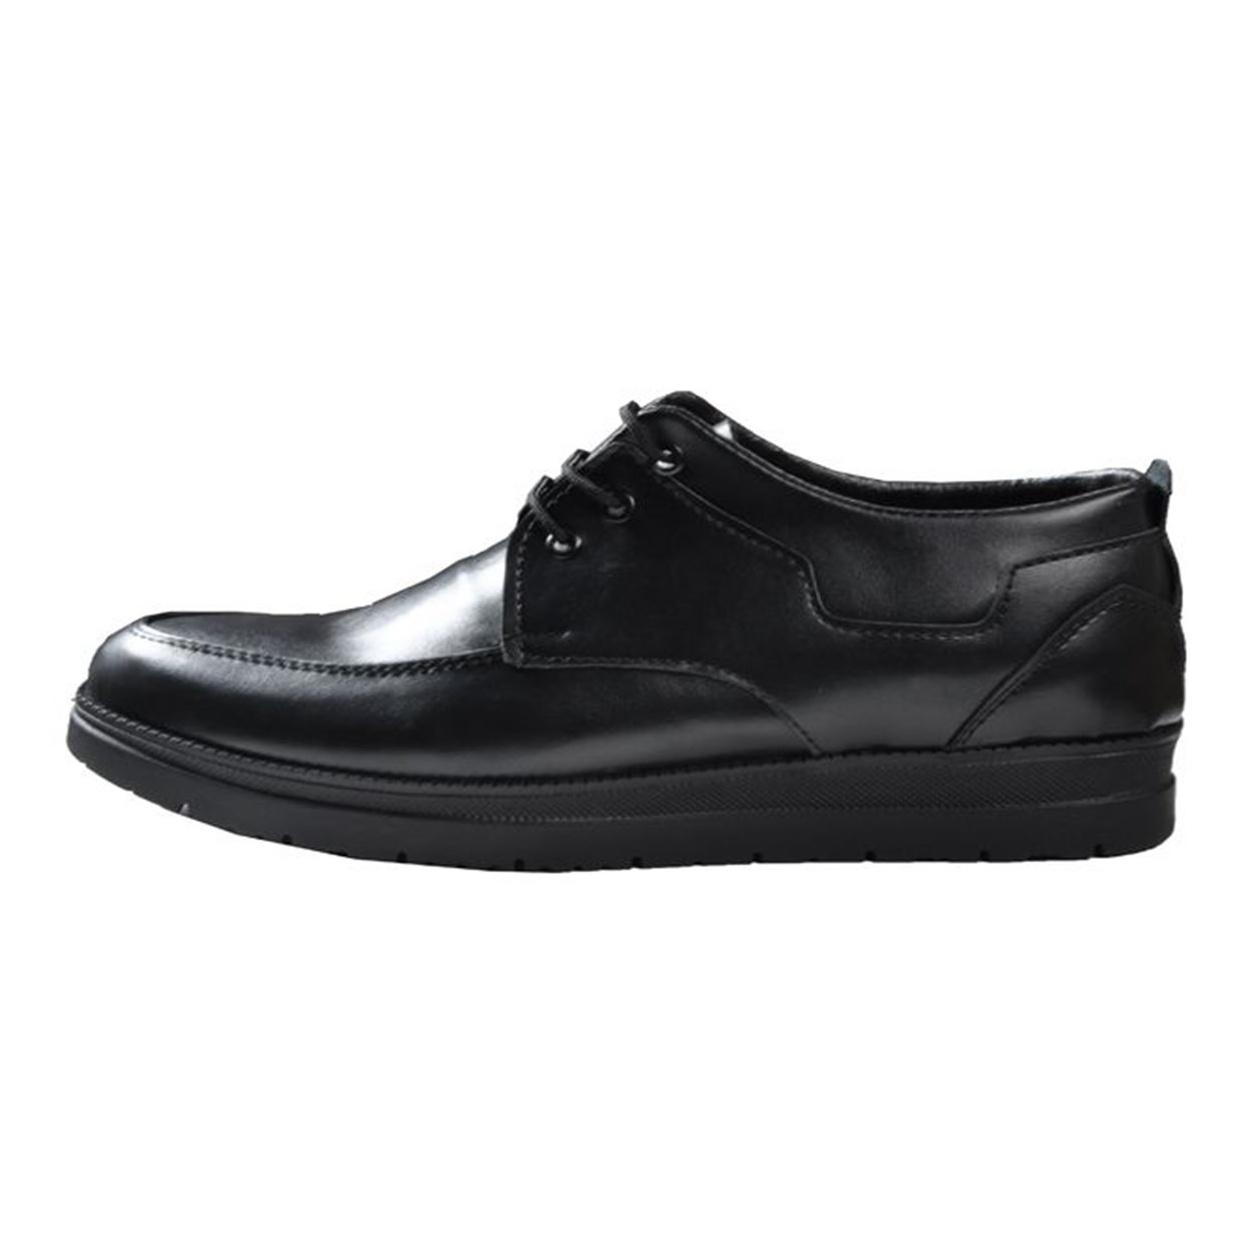 کفش رسمی مردانه مهاجر مدل M21M